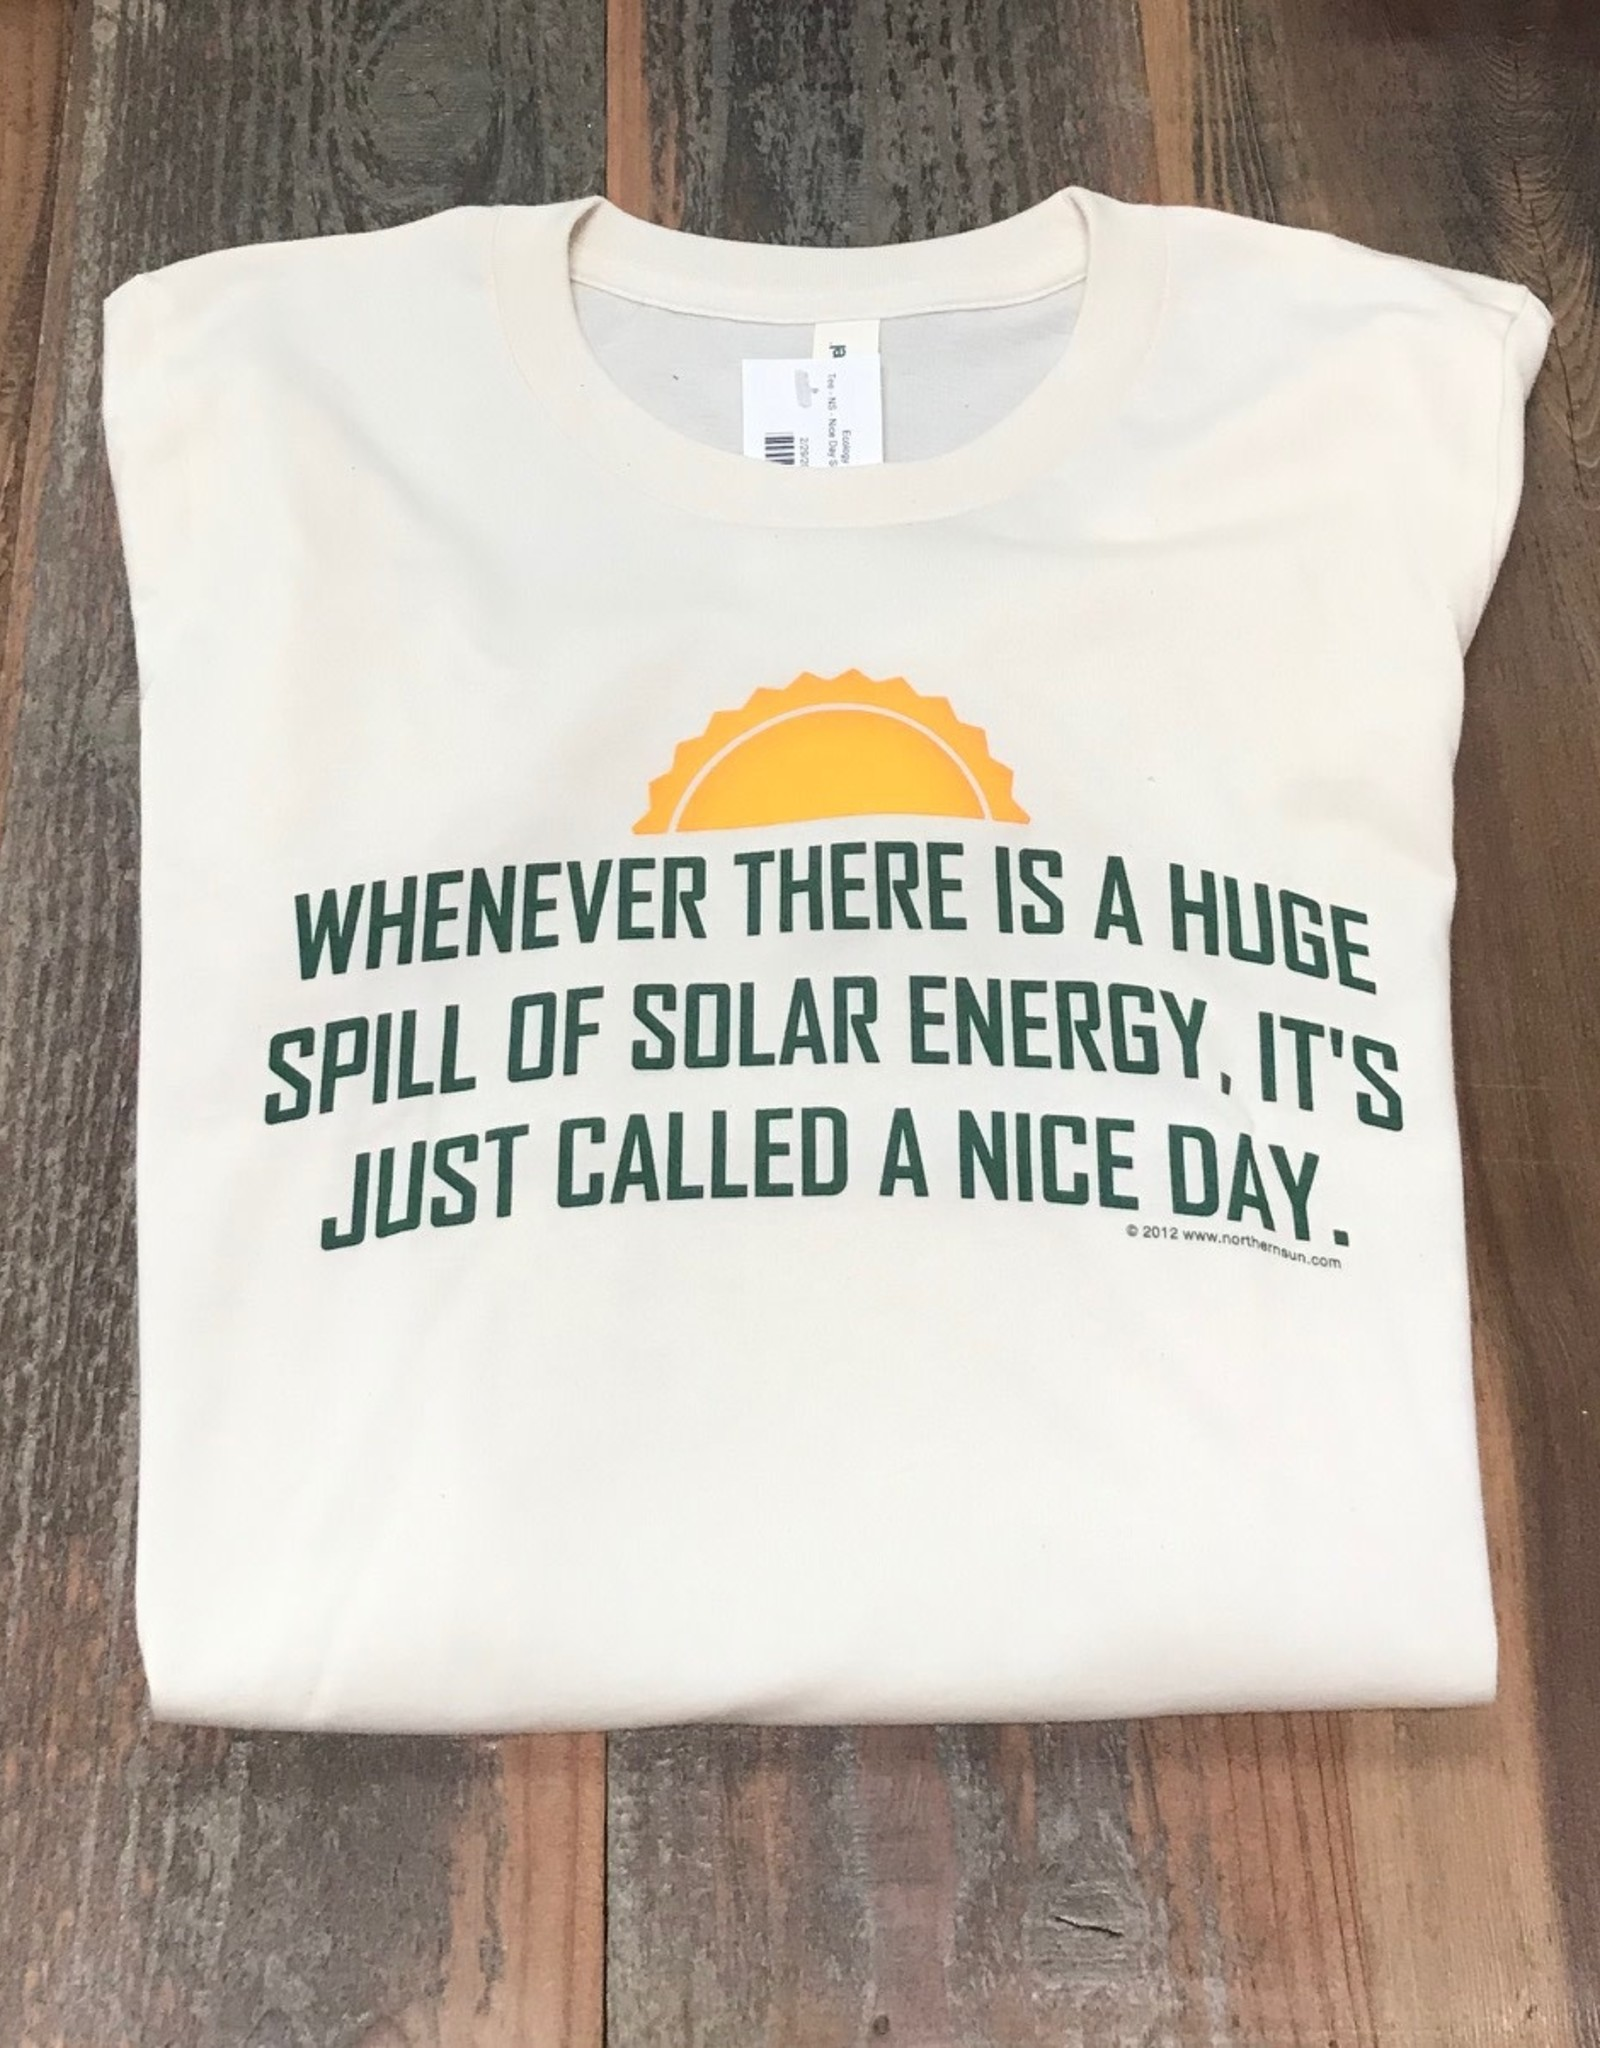 A Spill of Solar Energy T-shirt